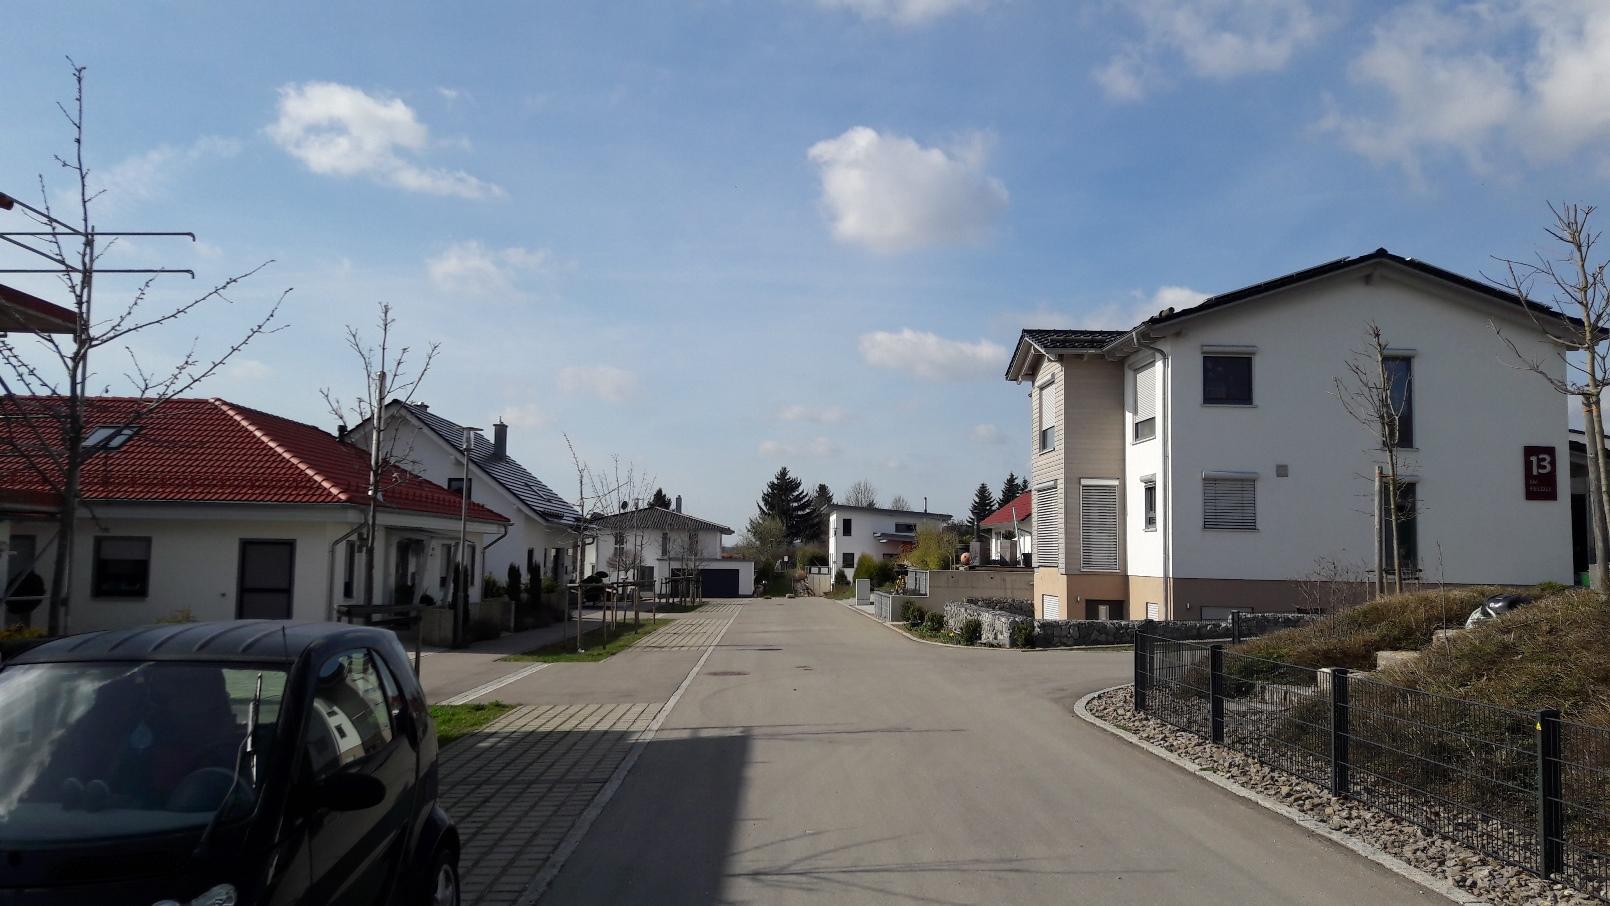 Kinderbetreuung leben und wohnen gemeinde altheim alb for Wohnen und leben